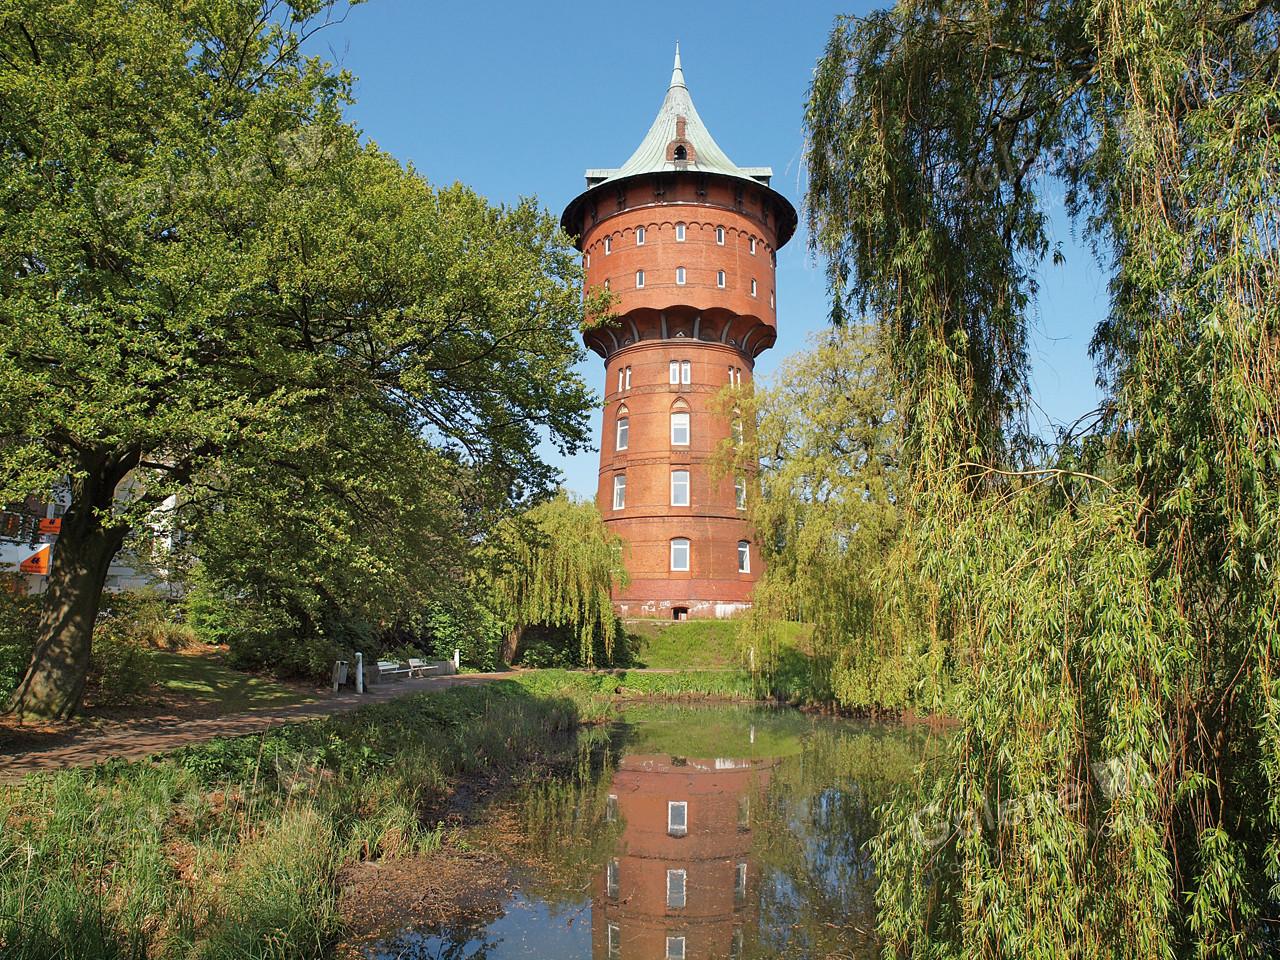 70013 Wasserturm